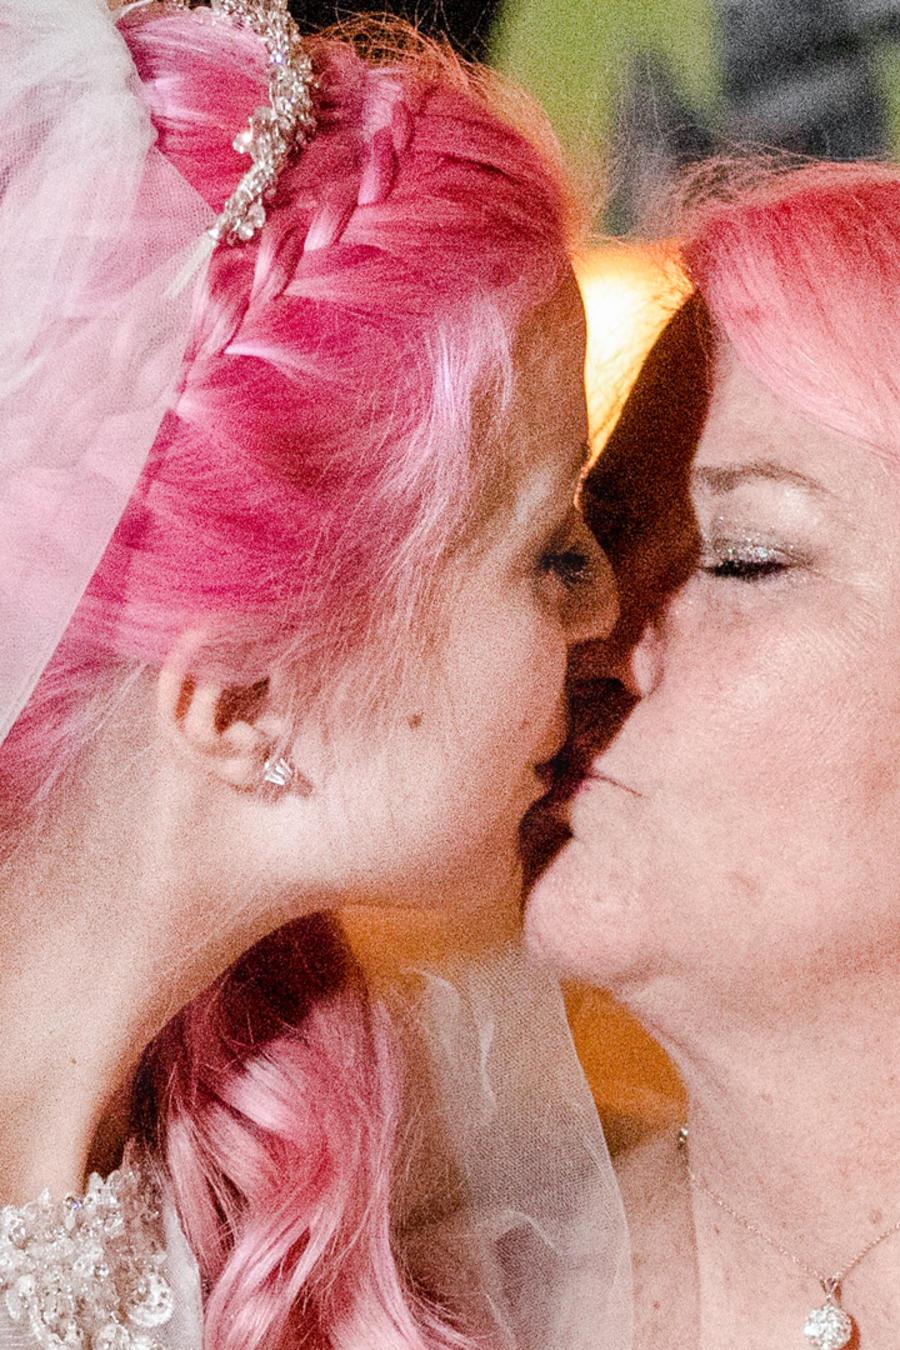 Dos mujeres se casan sin importar la diferencia de edad